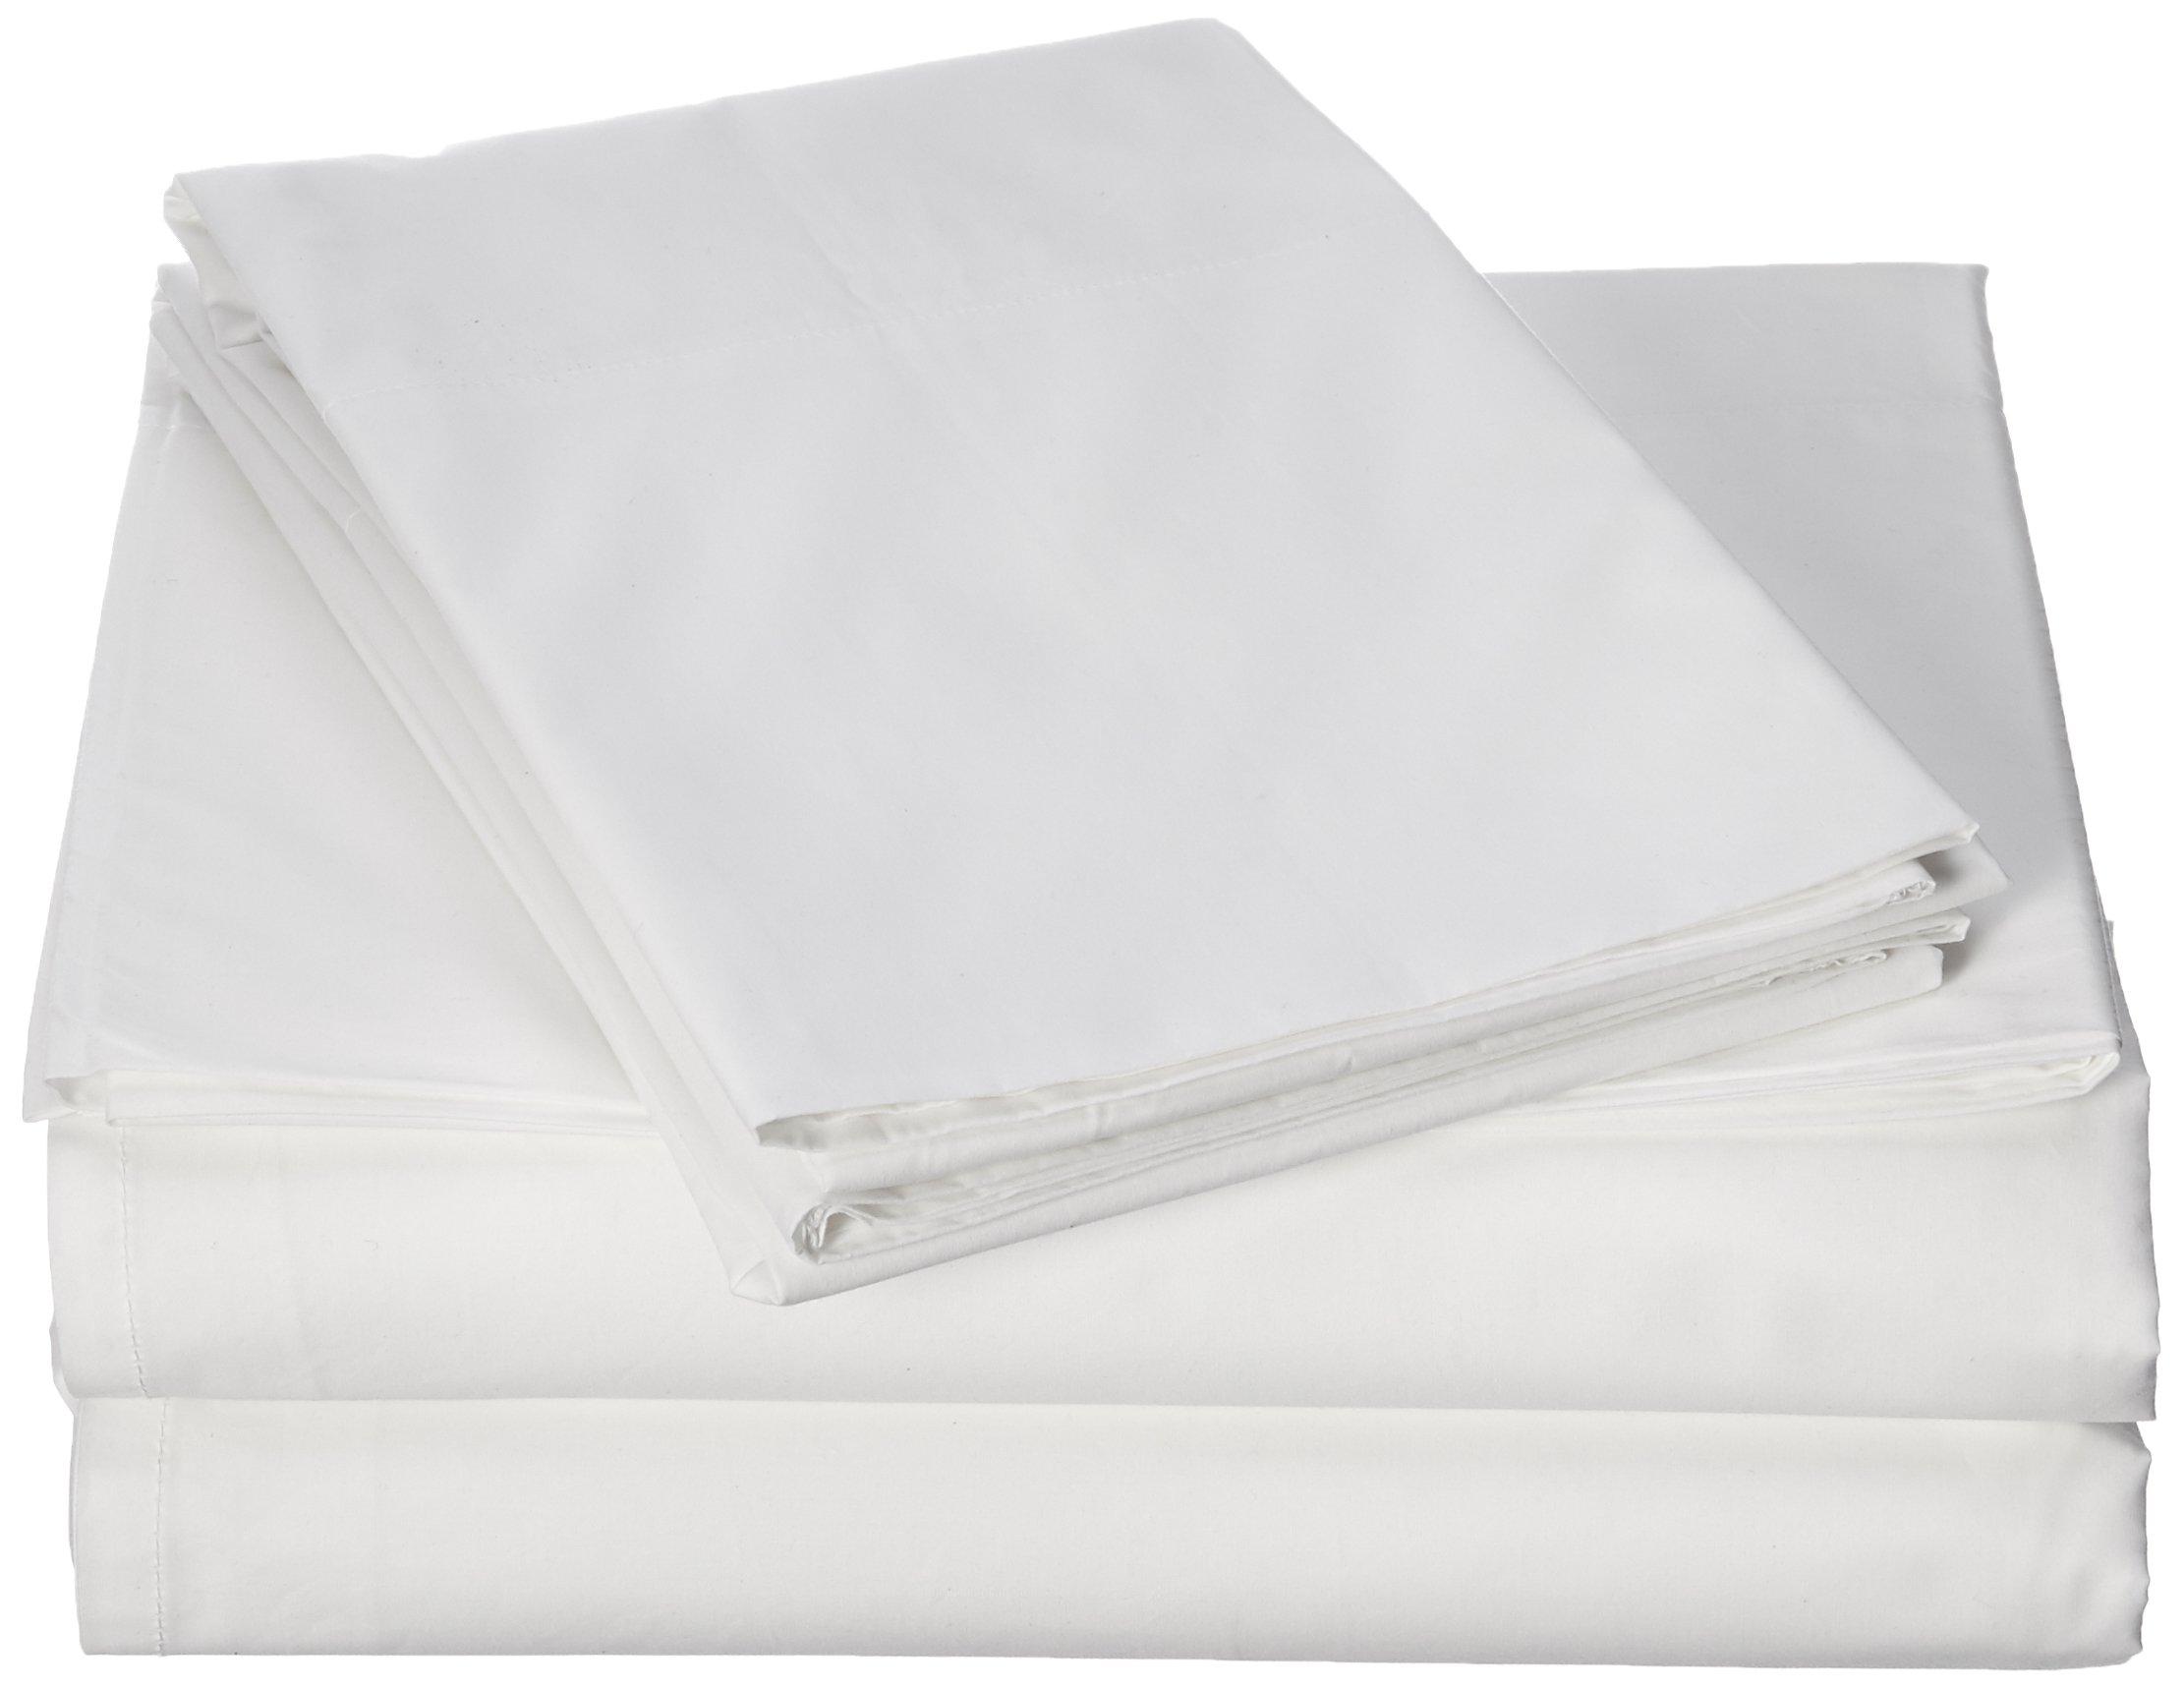 Coyuchi 300 TC Organic Percale Sheet Set, Queen, Alpine White by Coyuchi